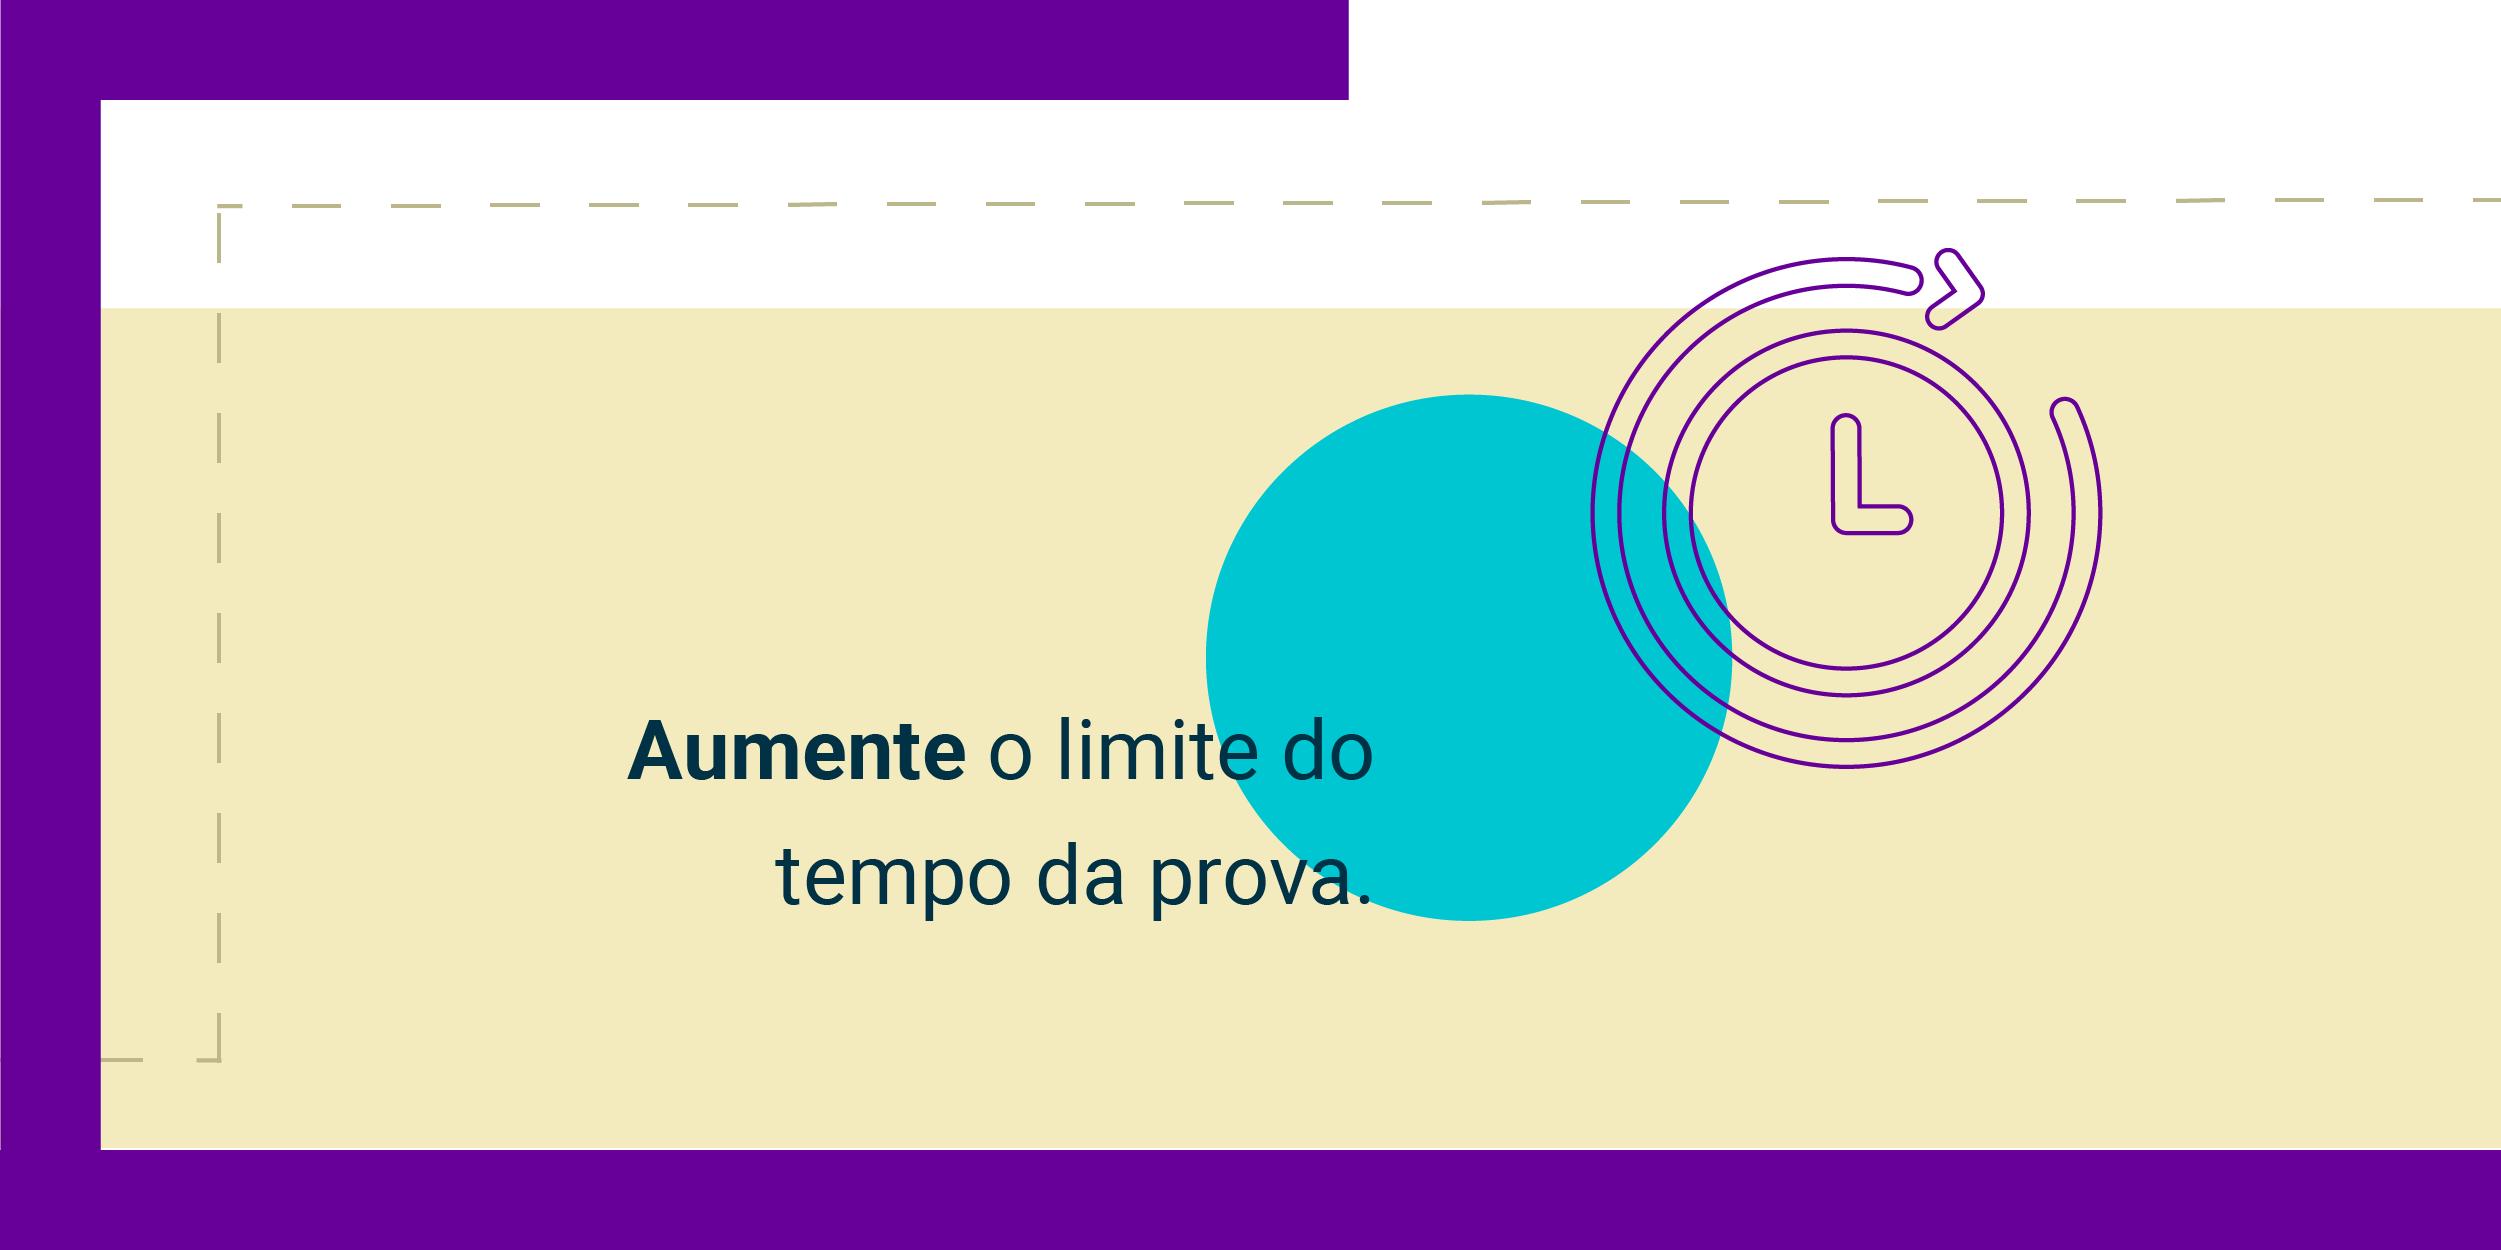 Imagem com a frase Aumente o limite do tempo de prova.